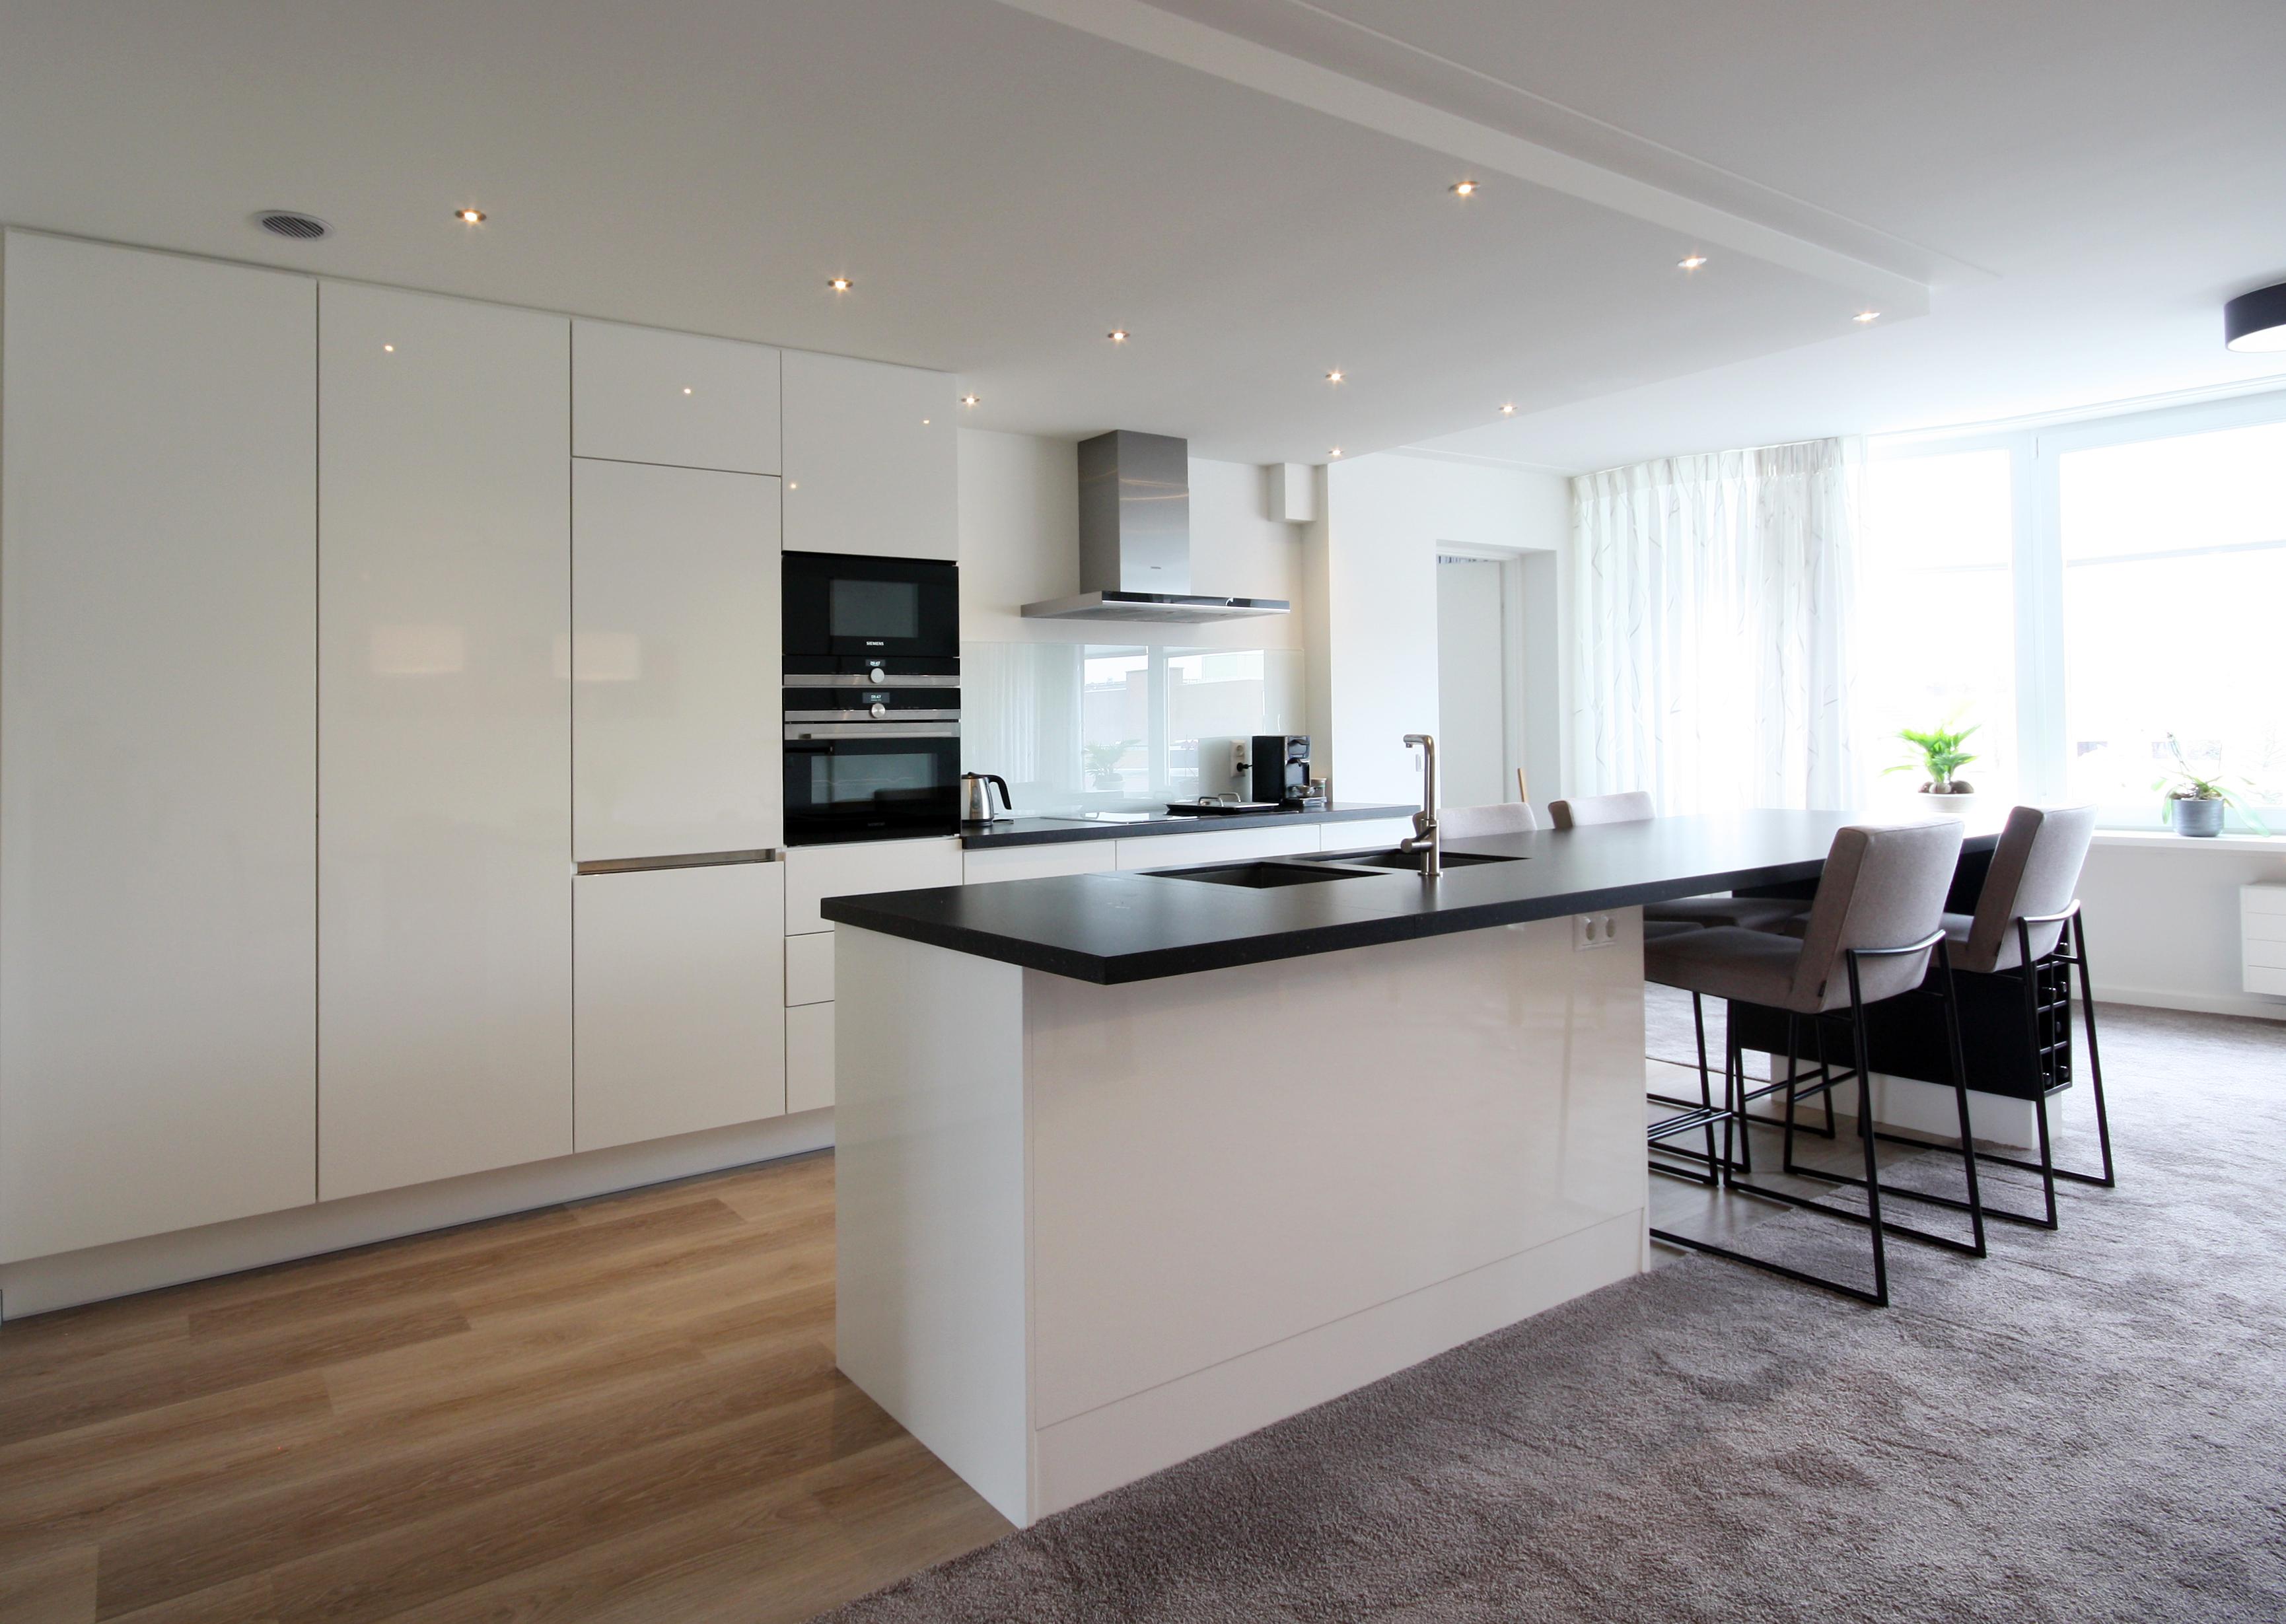 Led Spots Keuken : Maatwerk keuken verlaagdplafond met dimbare ledspots. in de keuken